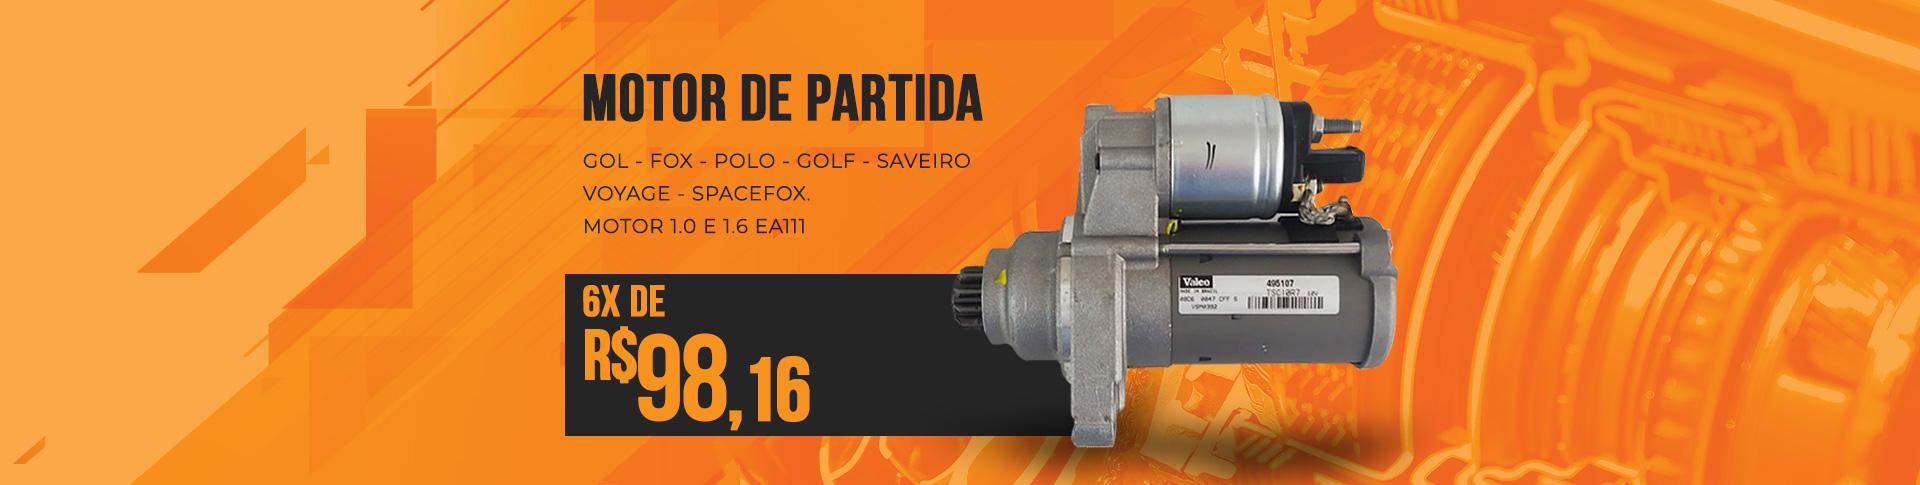 motor de partida 495107